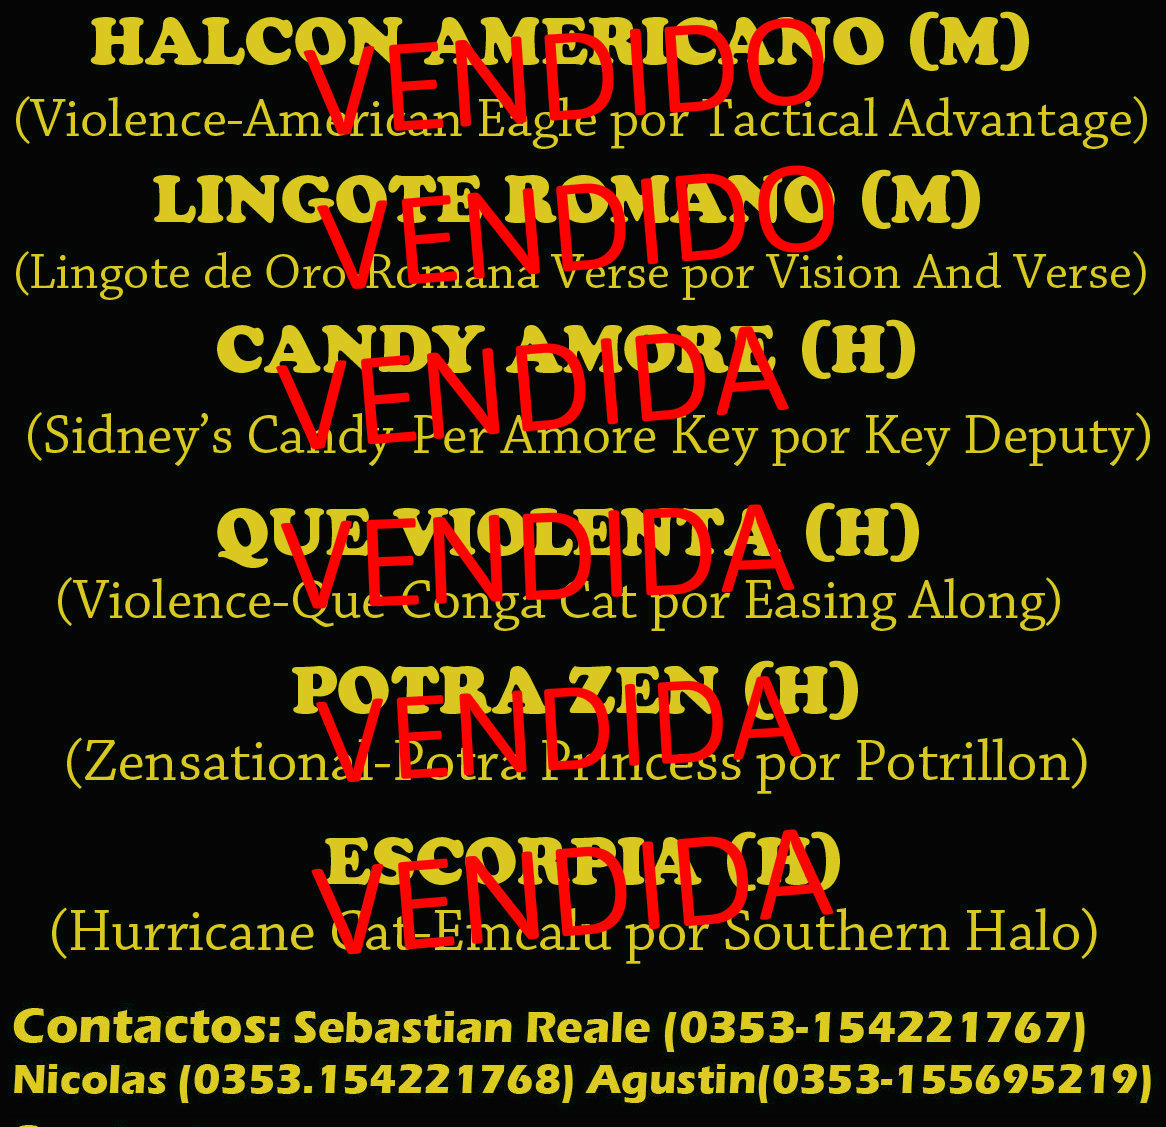 HS EL ARROYO 2 PR